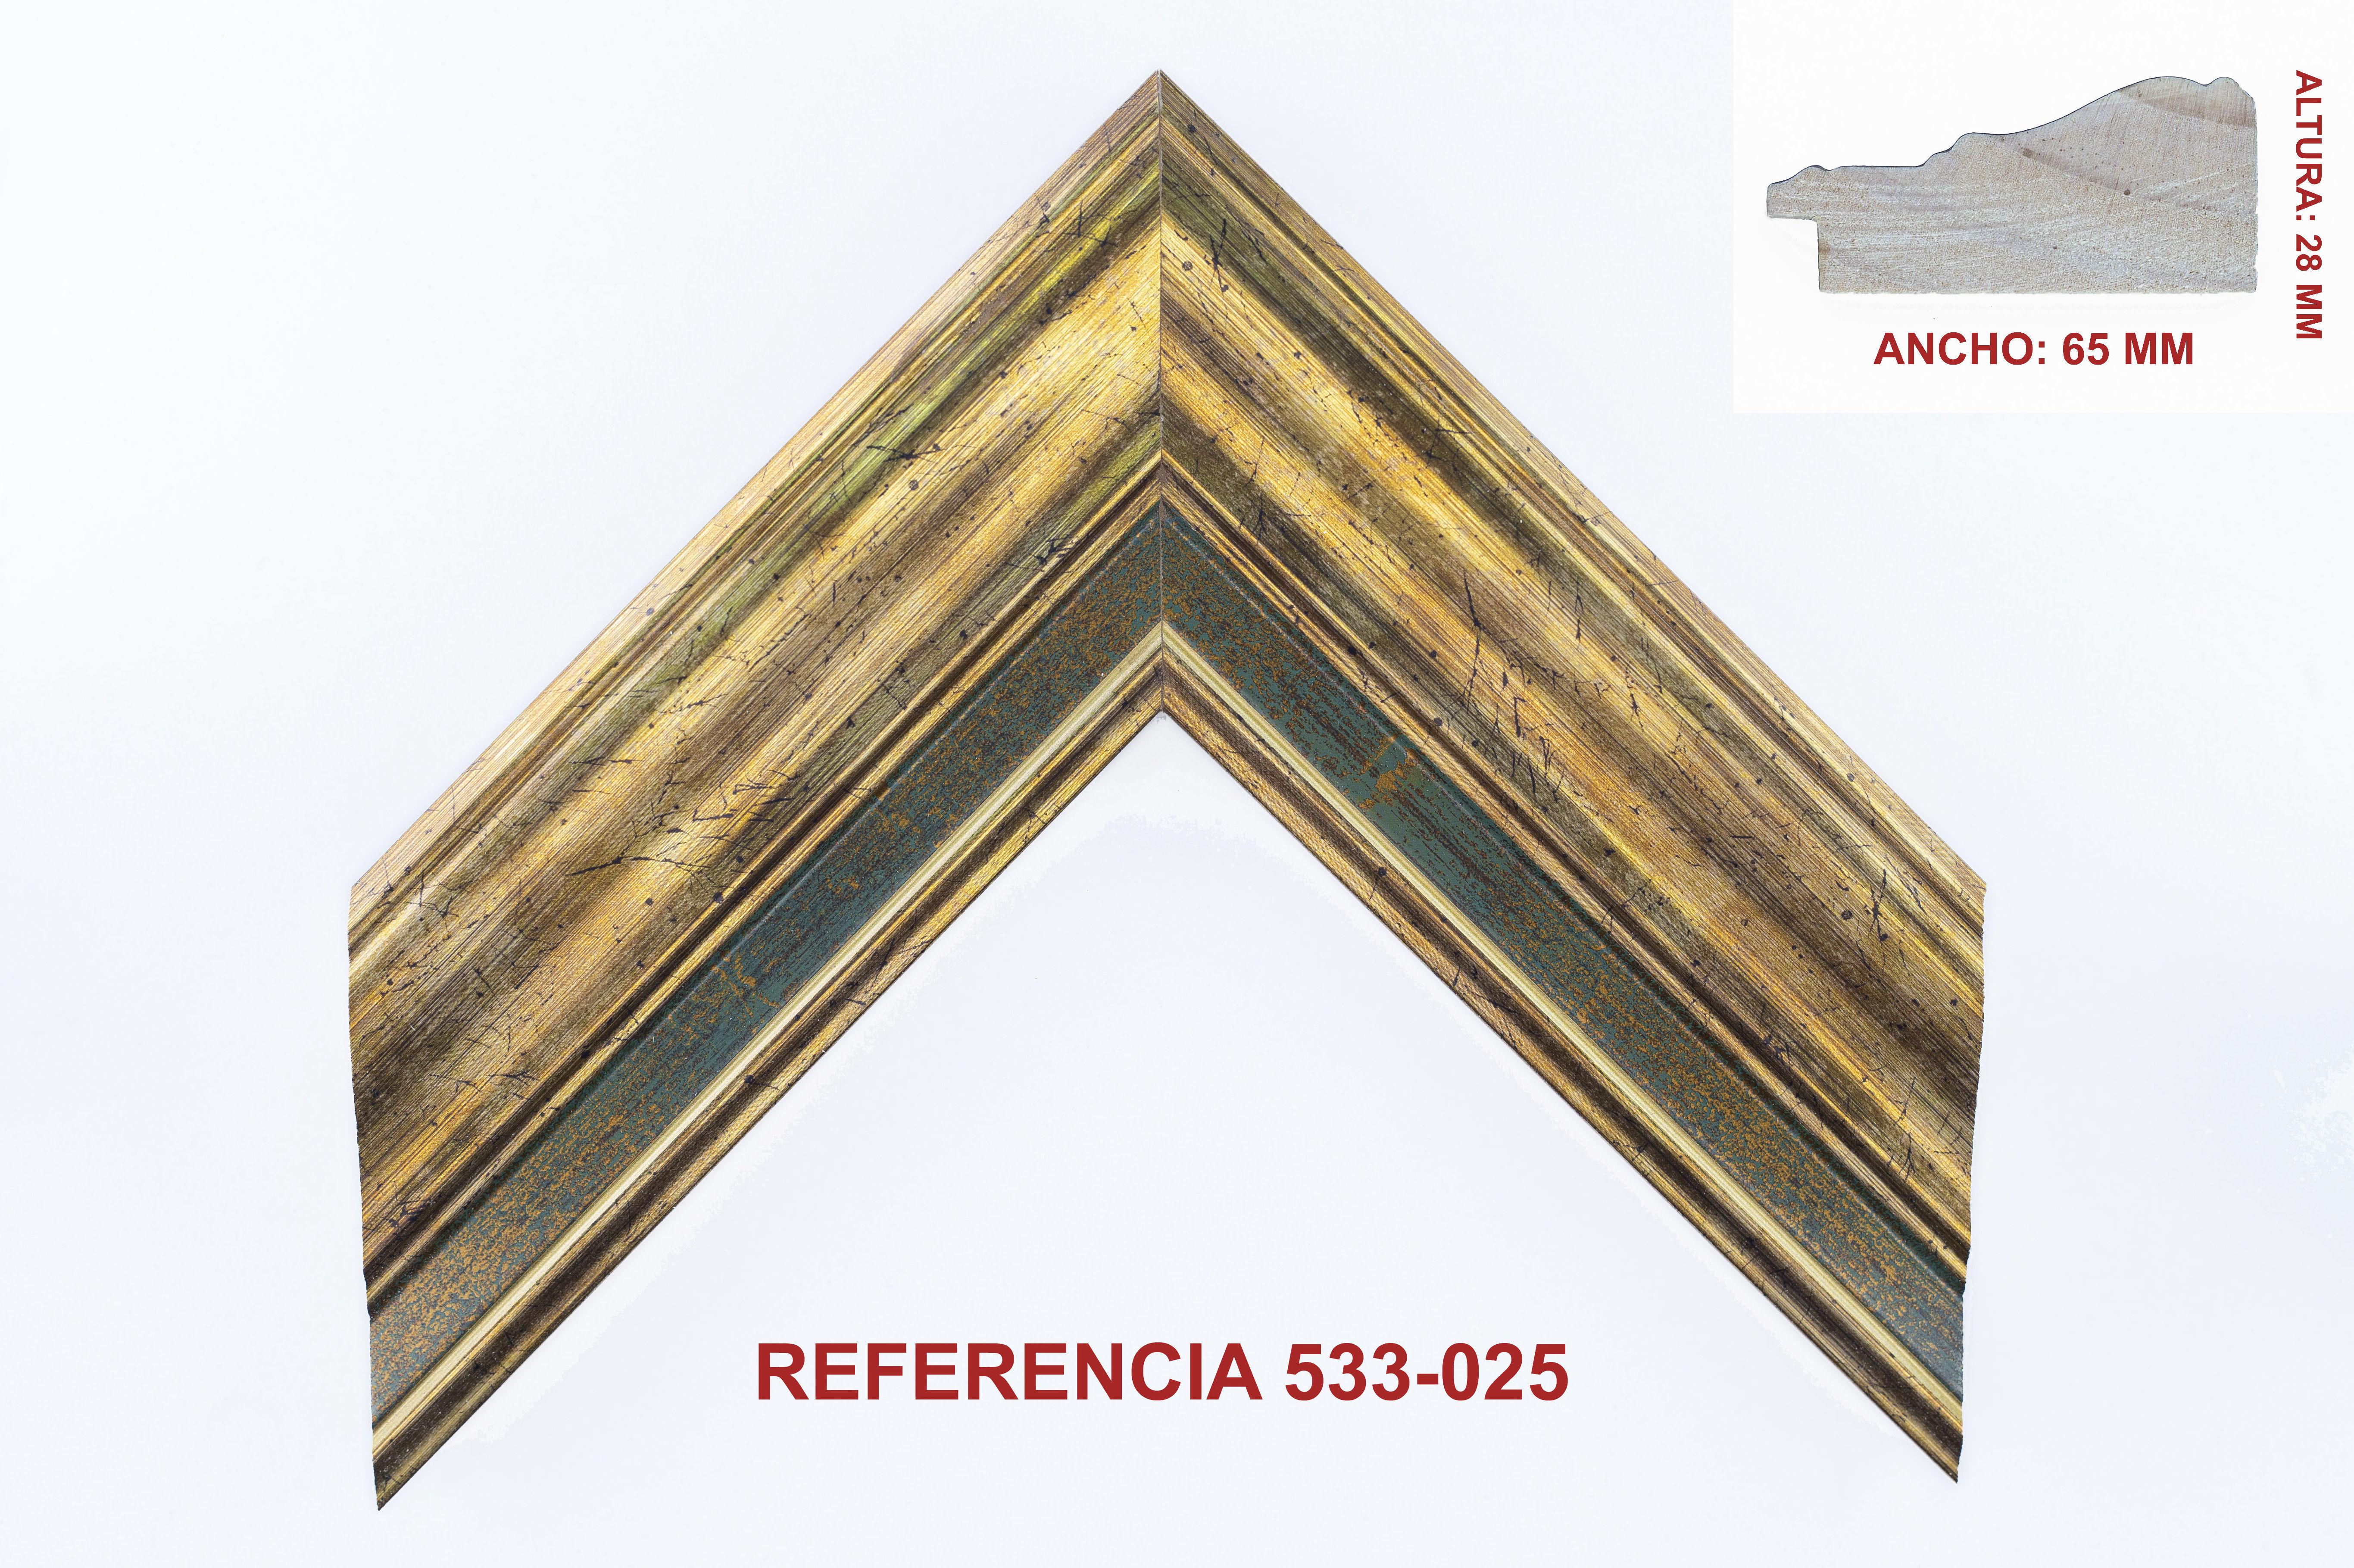 REF 533-025: Muestrario de Moldusevilla